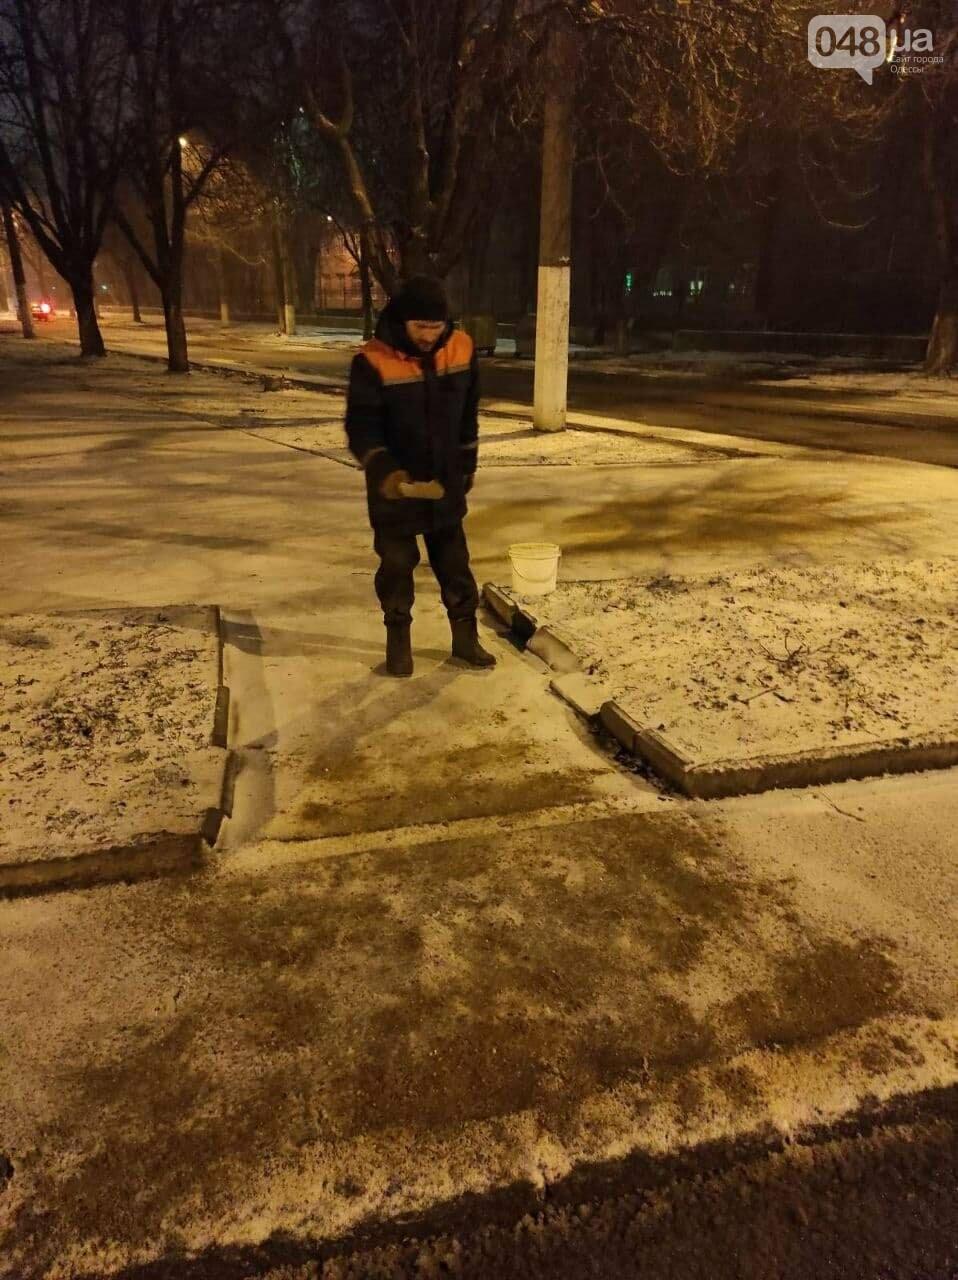 В Одессе около 100 автомобилей всю ночь разгребали снег и посыпали улицы,- ФОТО, ВИДЕО, фото-9